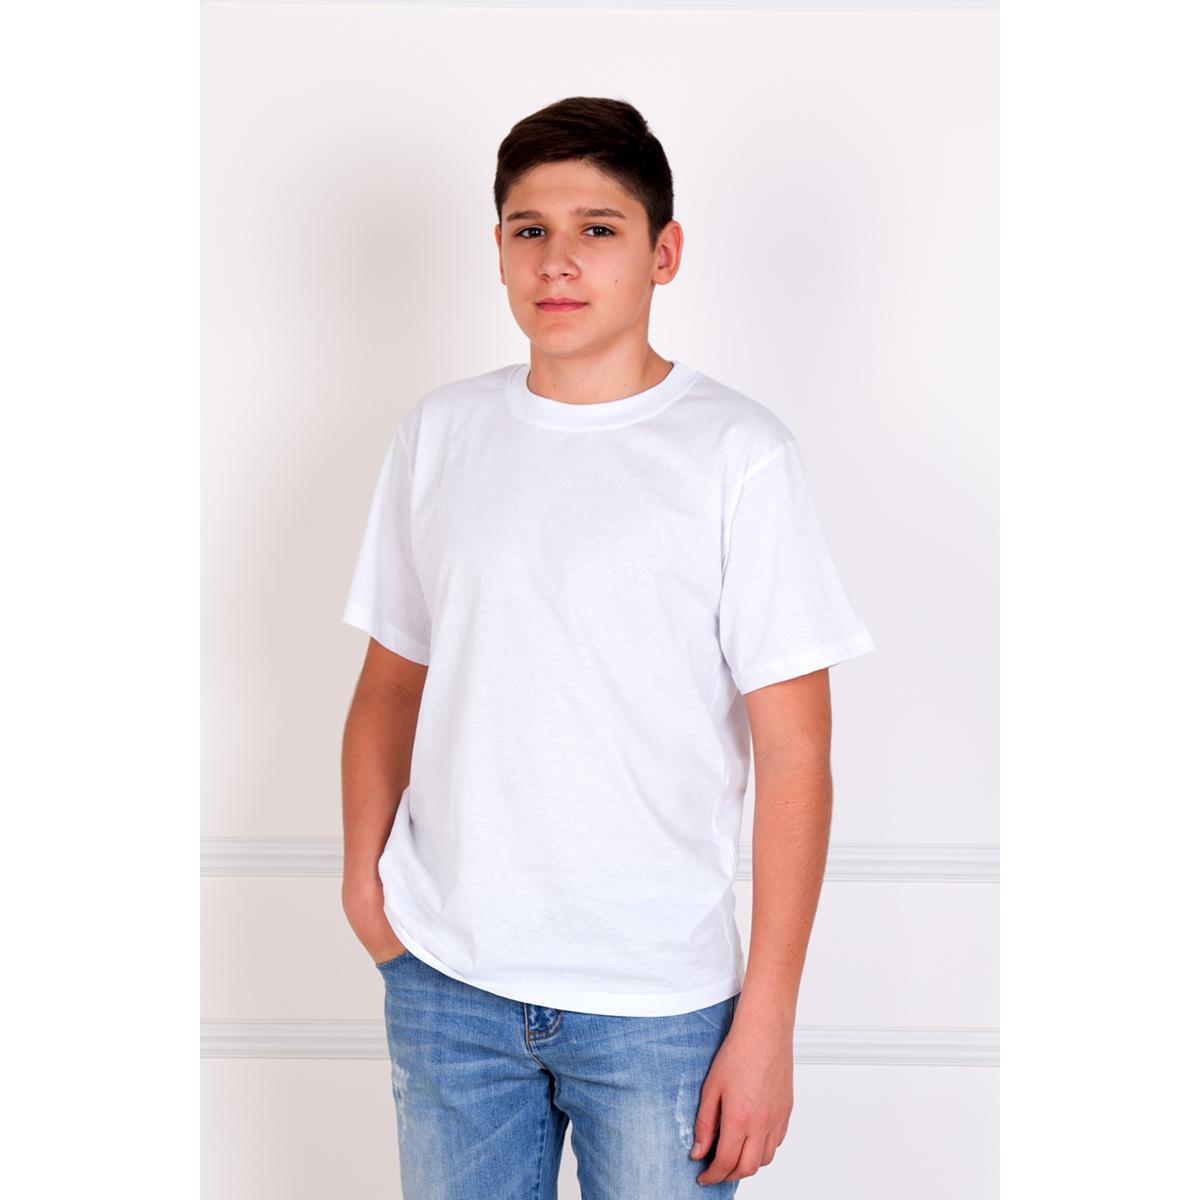 Мужская футболка Мич Белый, размер 60Майки и футболки<br>Обхват груди:120 см<br>Обхват талии:112 см<br>Обхват бедер:116 см<br>Рост:178-188 см<br><br>Тип: Муж. футболка<br>Размер: 60<br>Материал: Кулирка